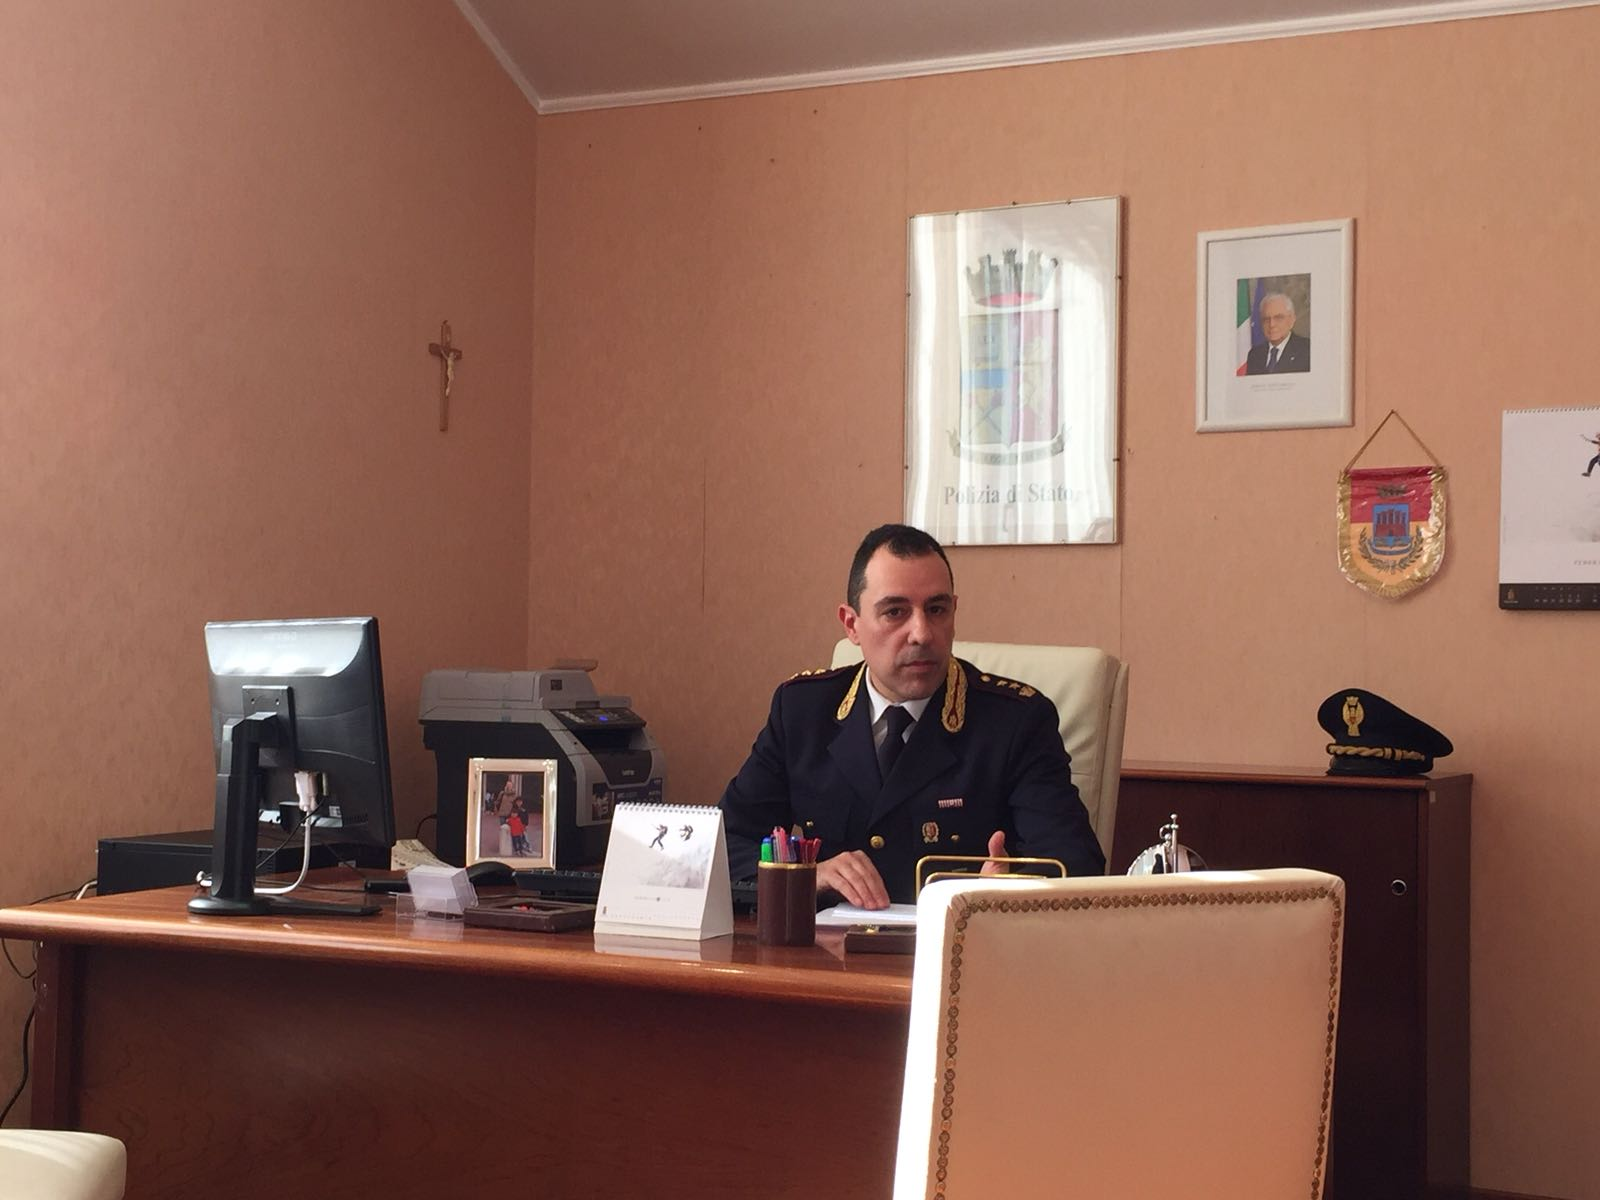 Giuseppe Todaro